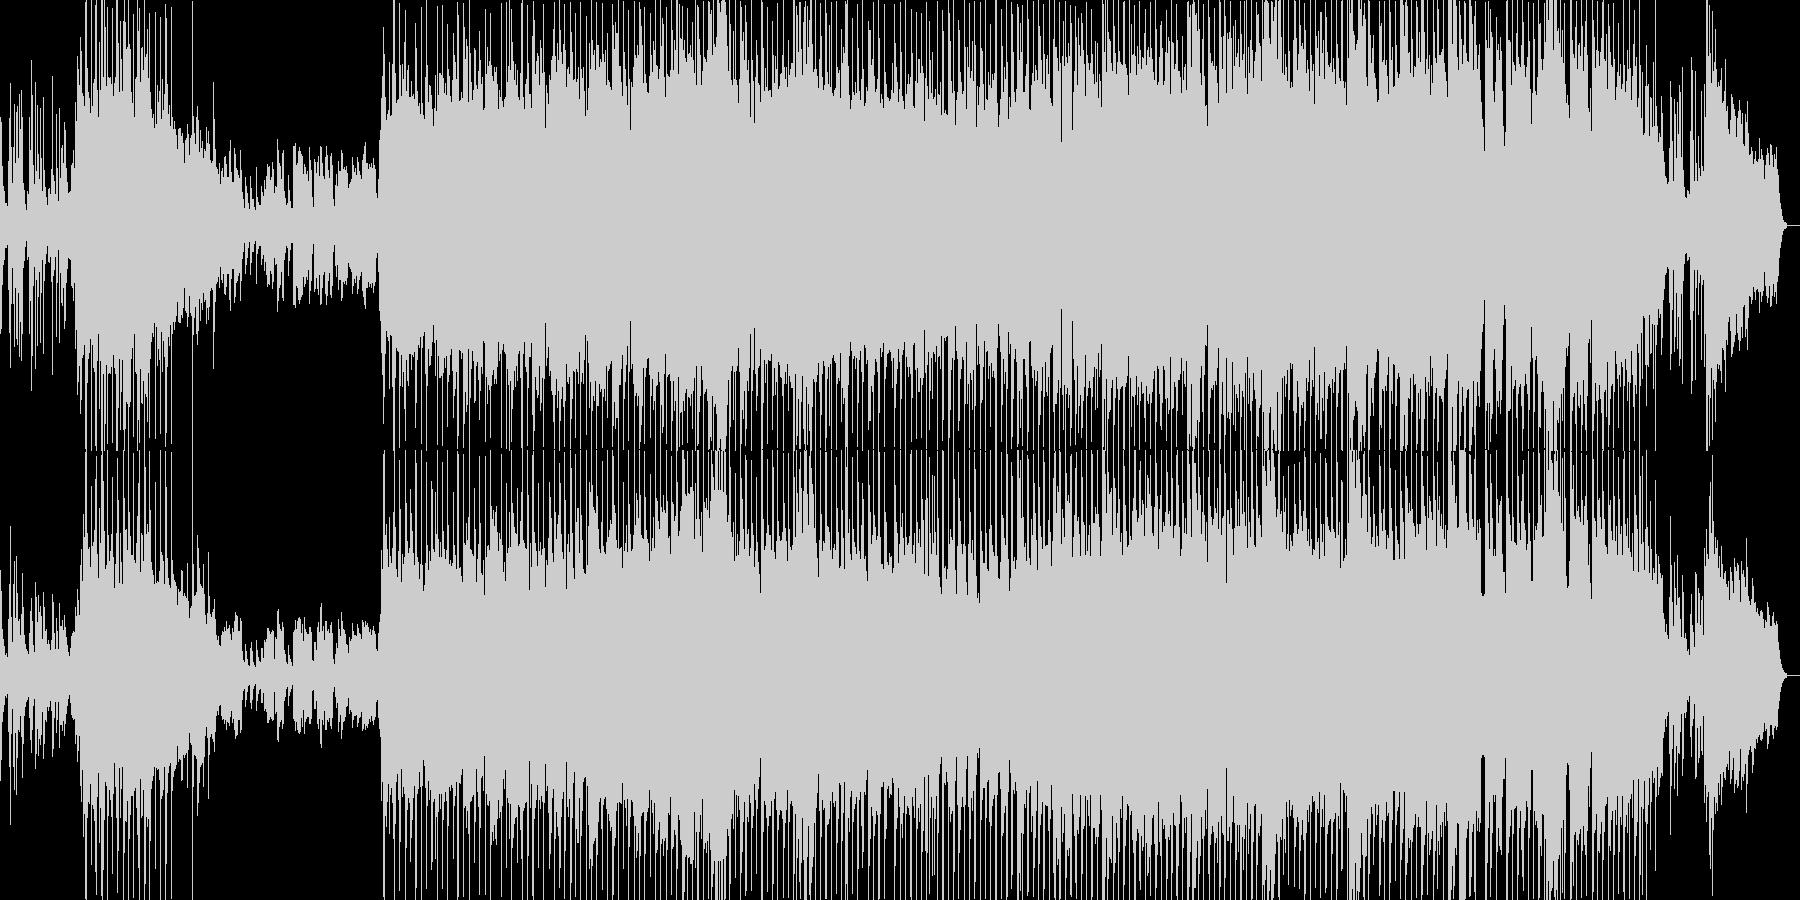 ピアノが印象的な寂しい雰囲気のバラードの未再生の波形